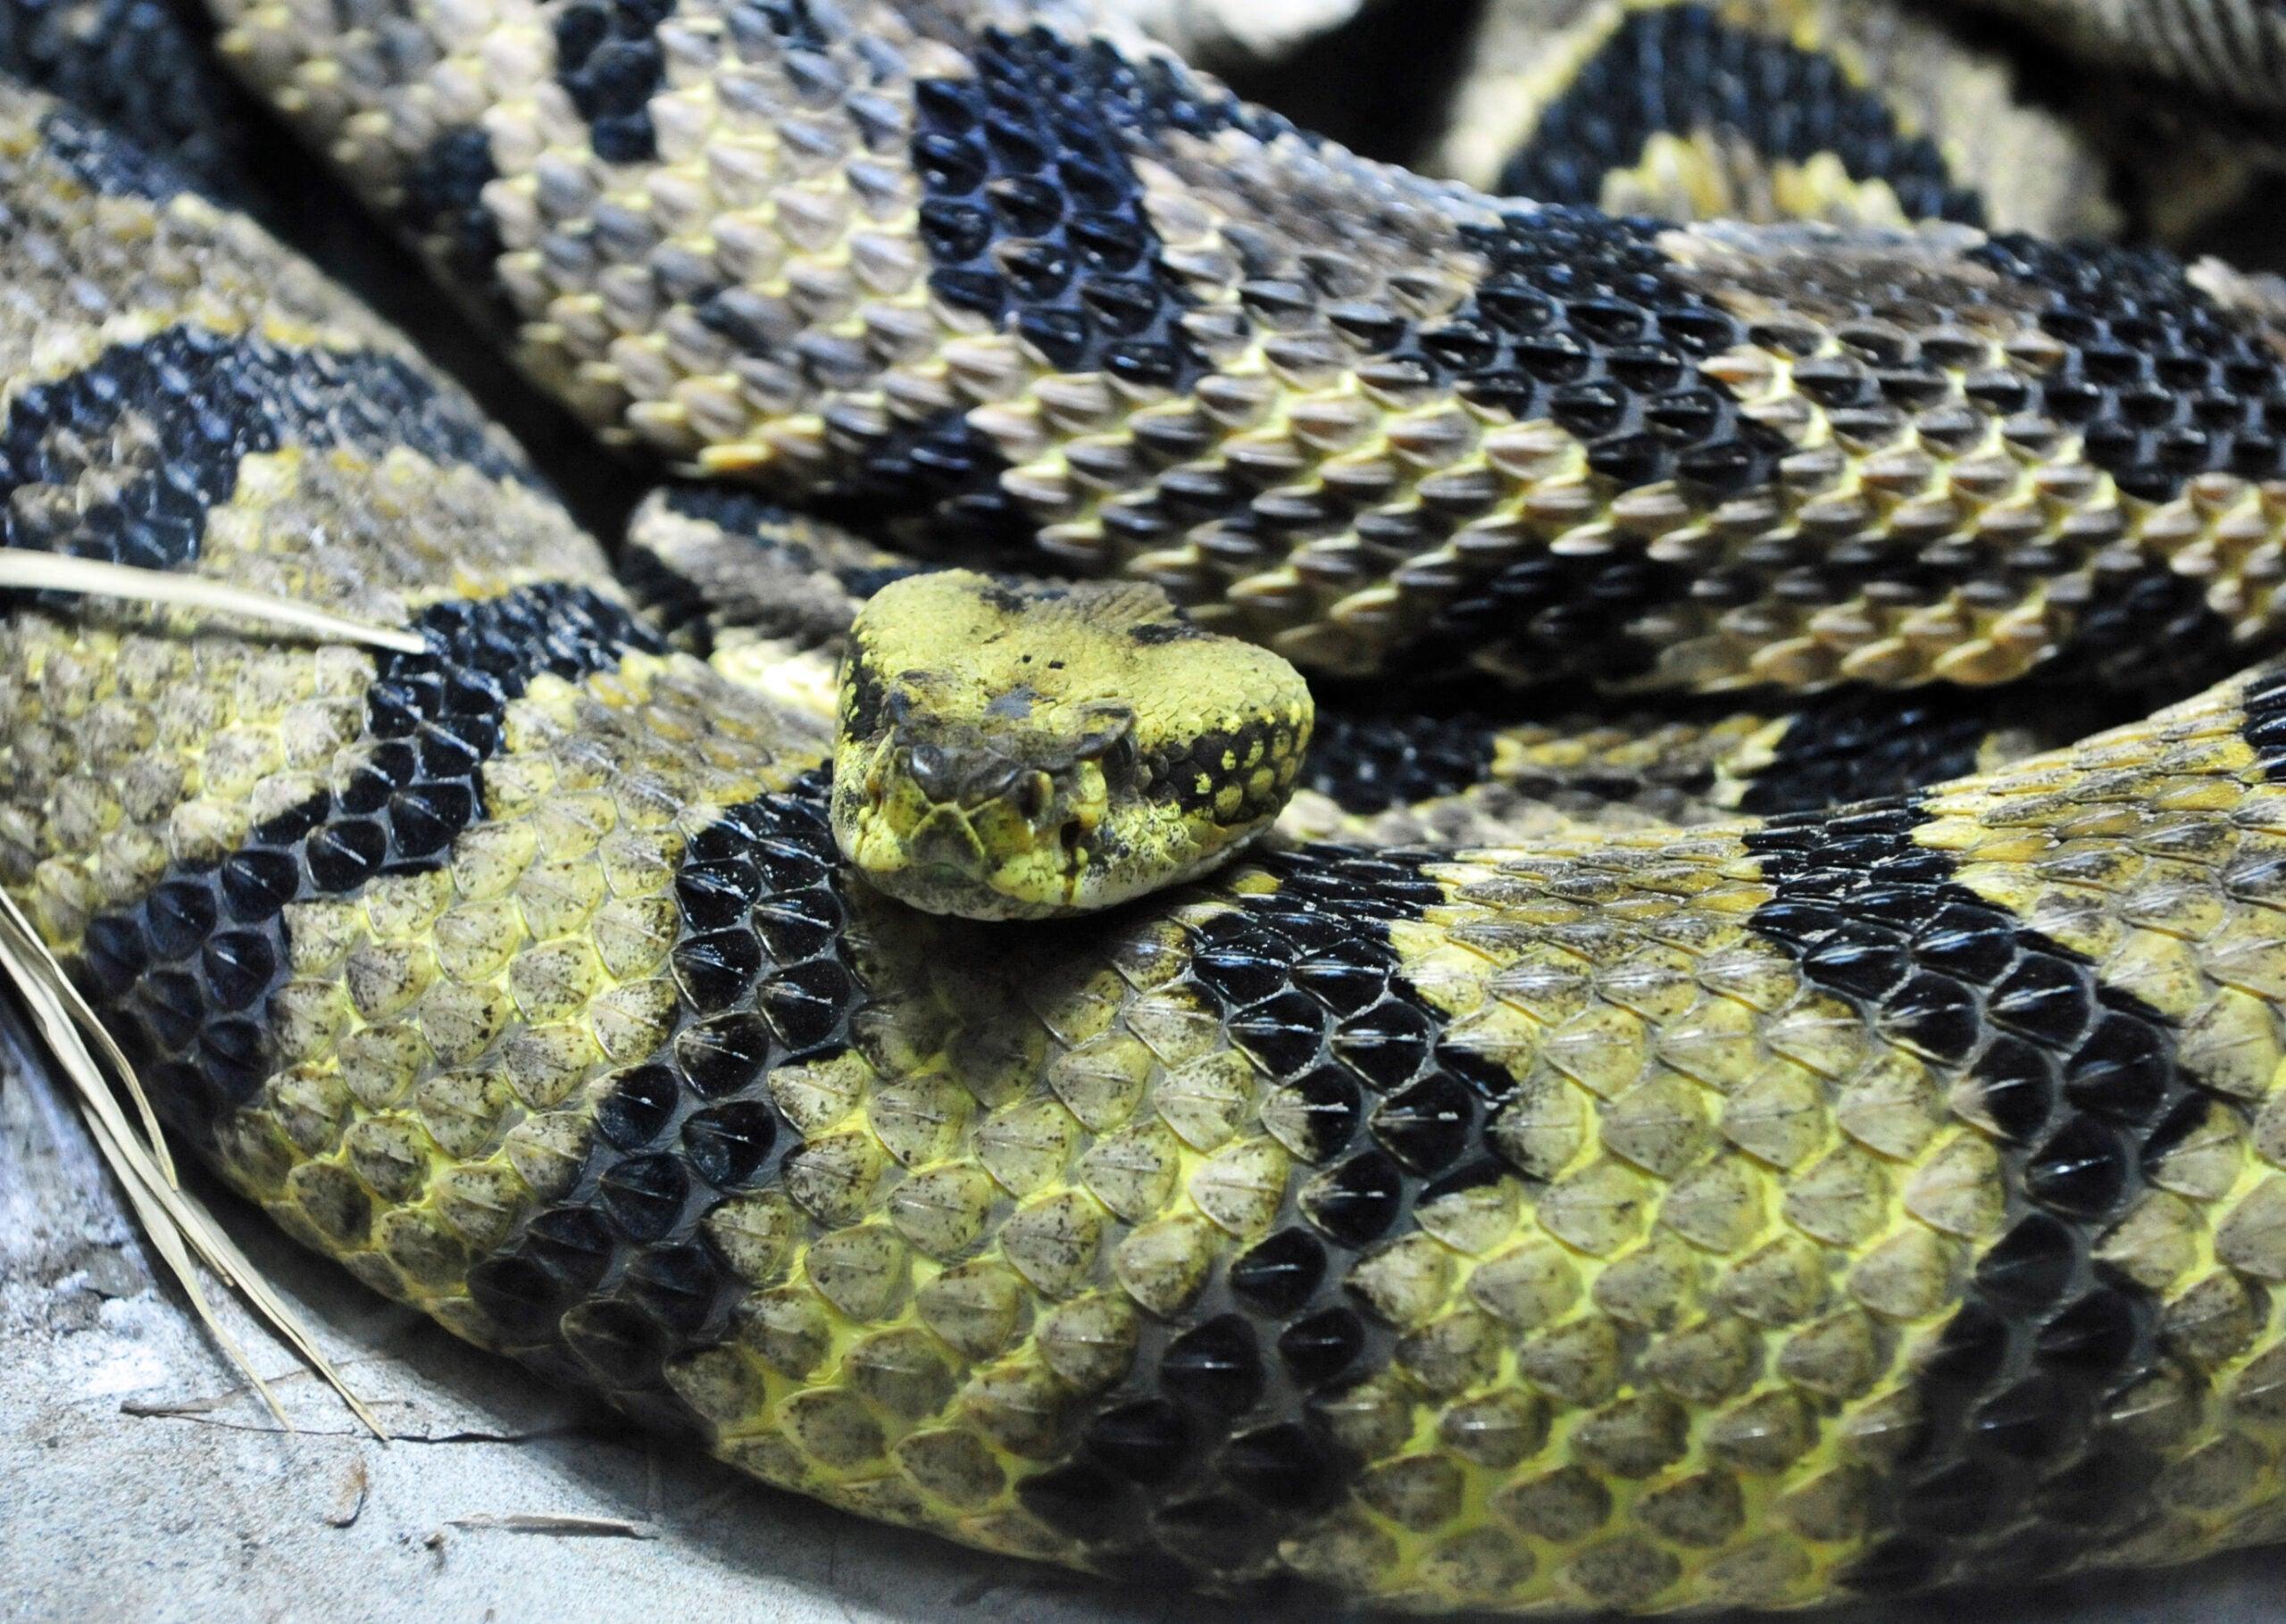 timber rattlesnake, canebrake, florida